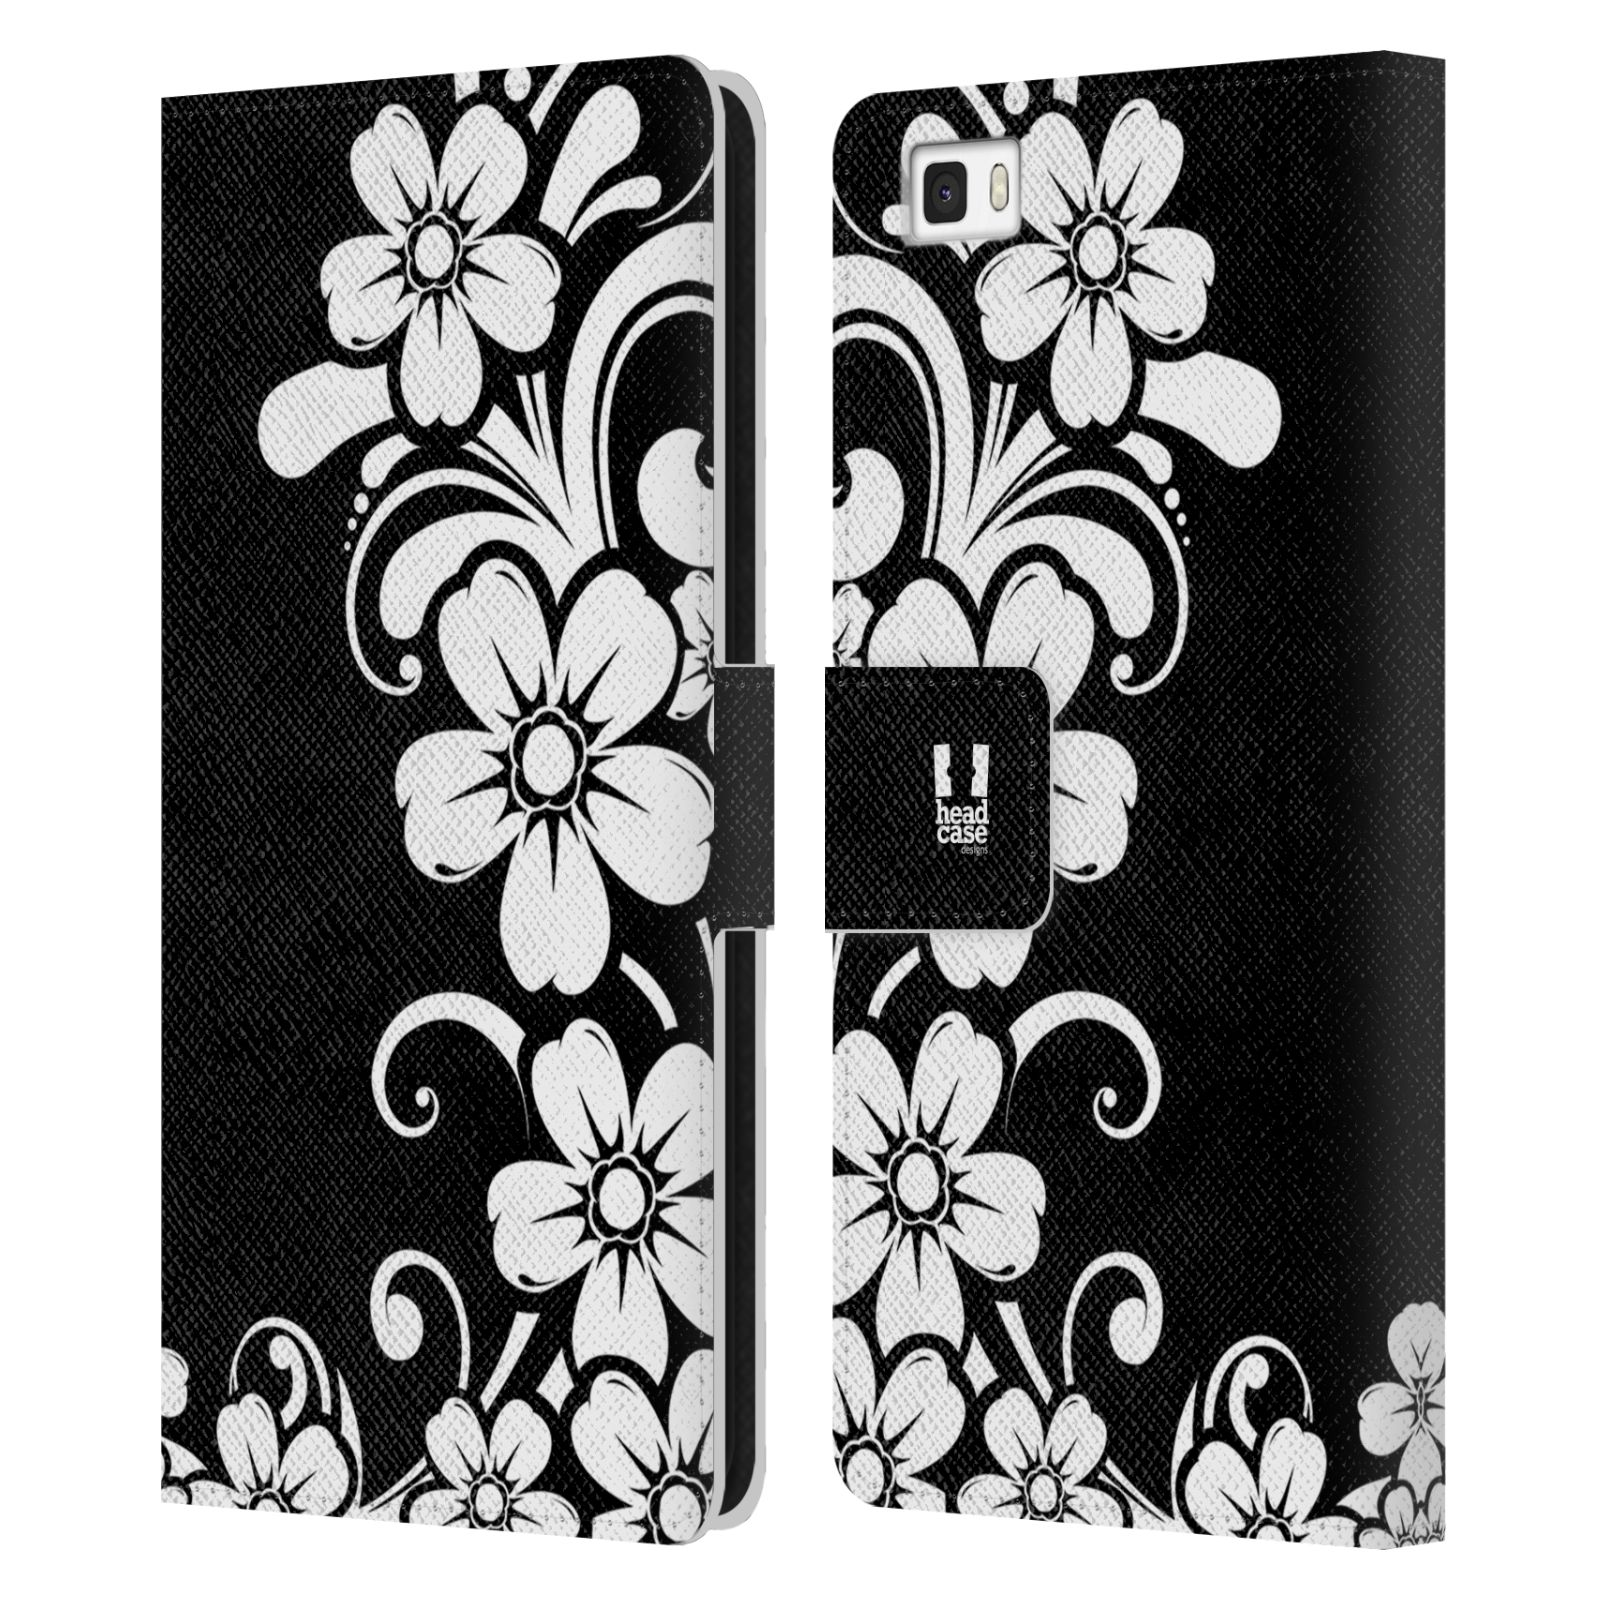 HEAD CASE Flipové pouzdro pro mobil Huawei P8 LITE ČERNOBÍLÁ KVĚTINA květ